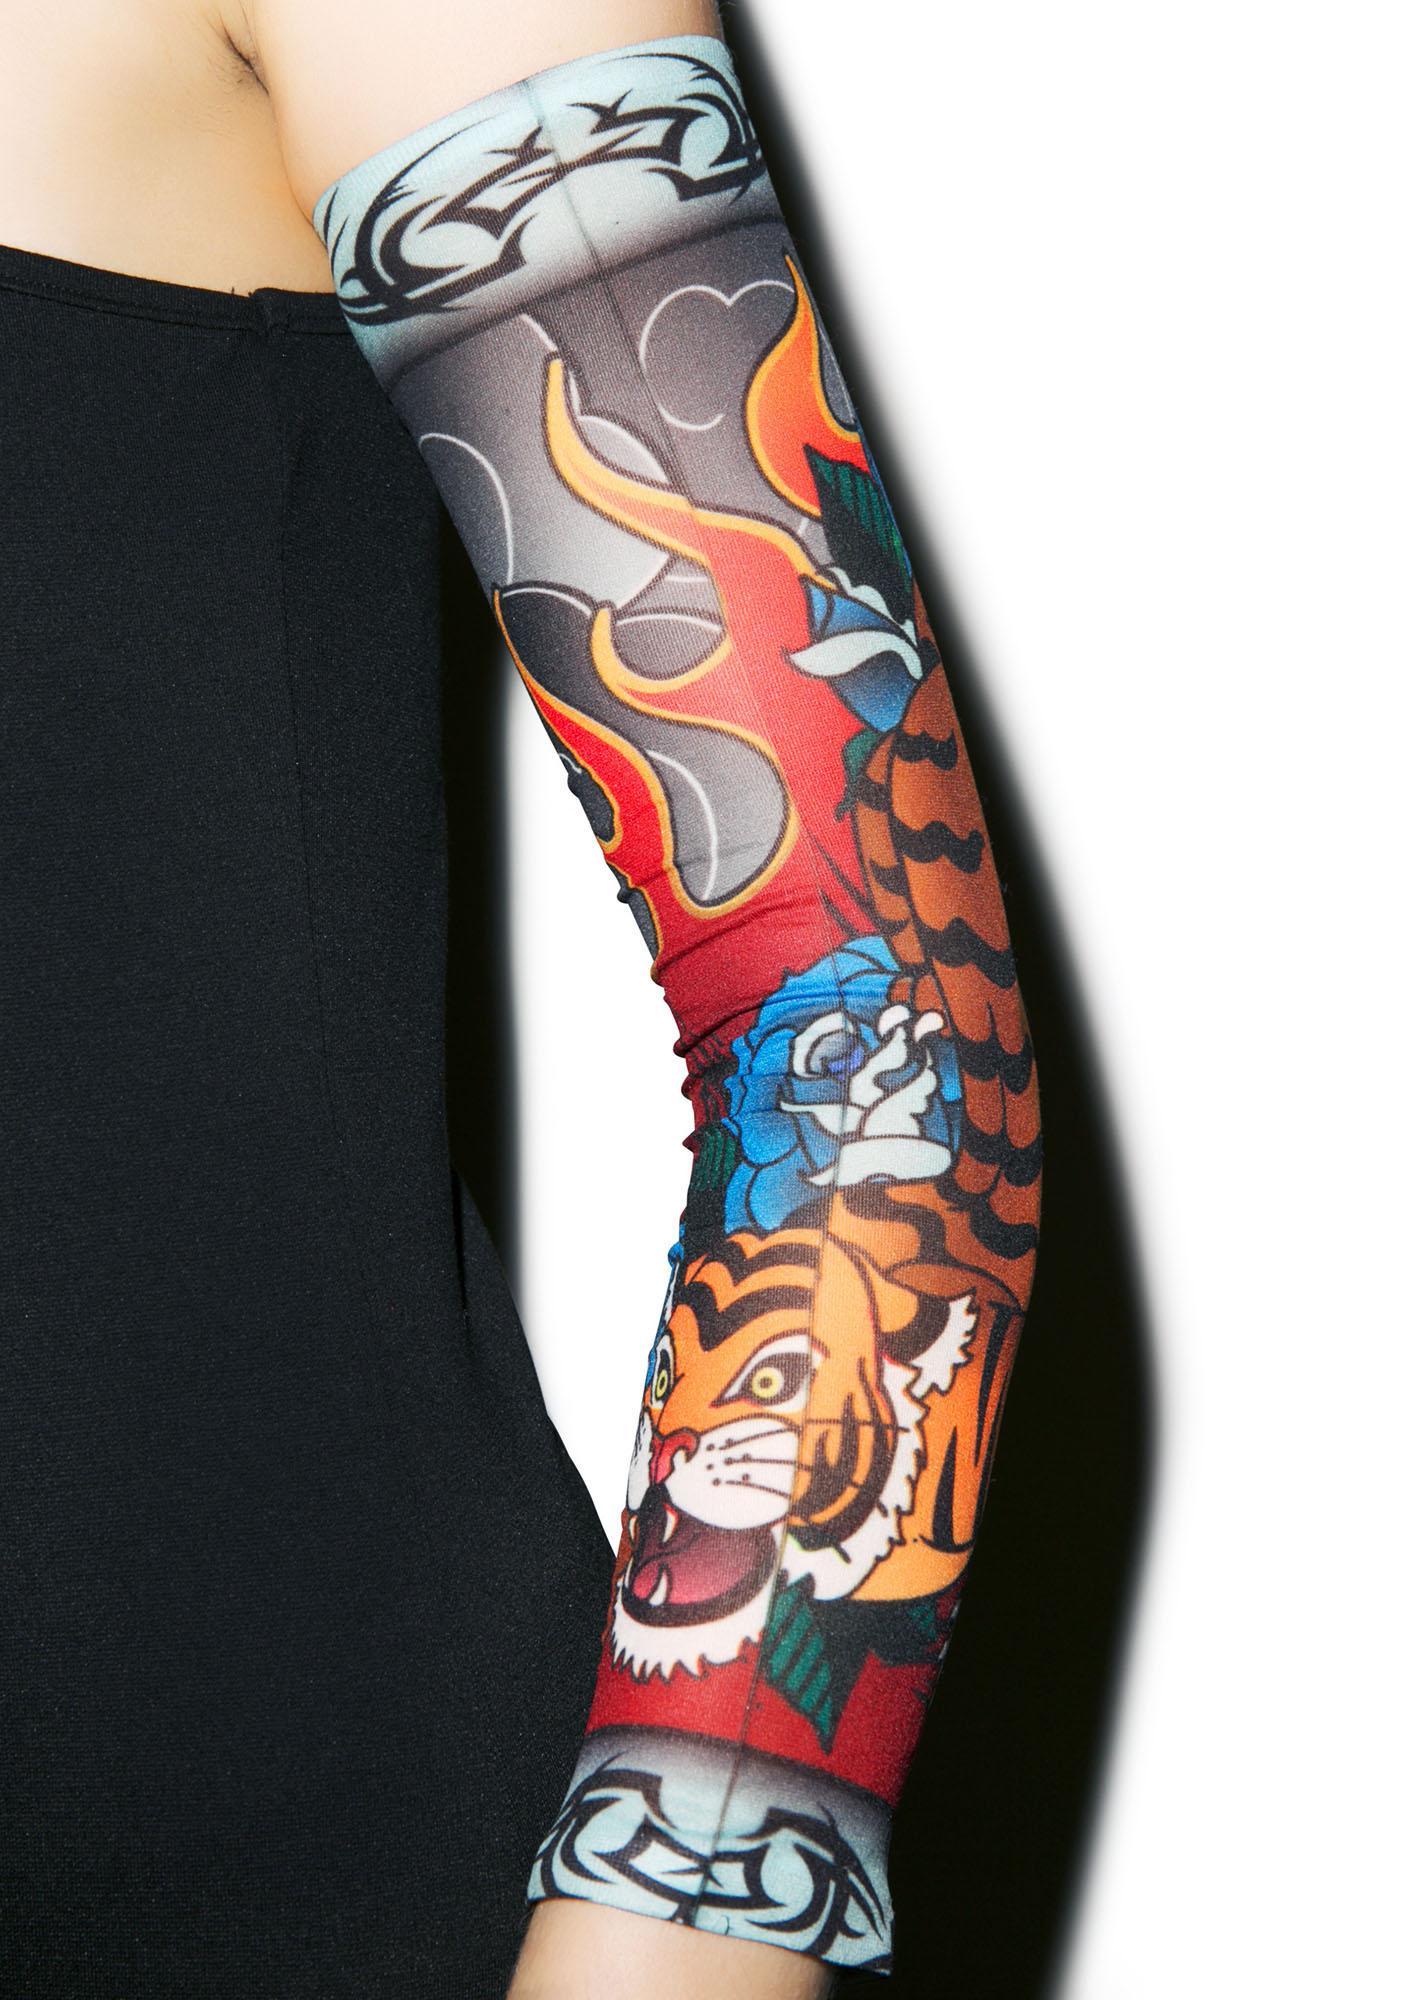 Le Tigre Tattoo Sleeves